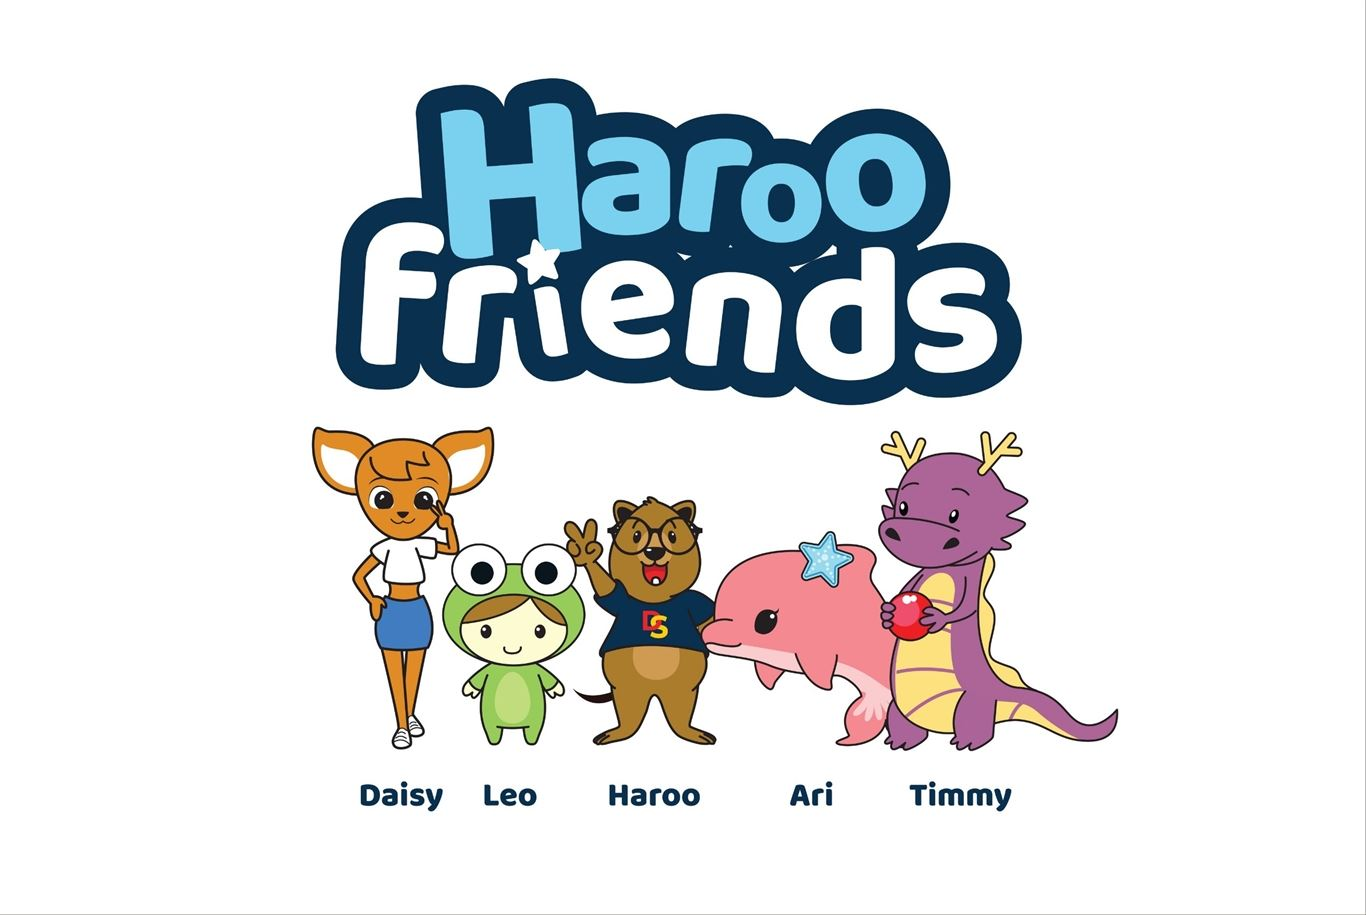 Phát triển nhân vật hoạt hình tại Việt Nam – Lĩnh vực kinh doanh mới từ một doanh nhân Hàn Quốc